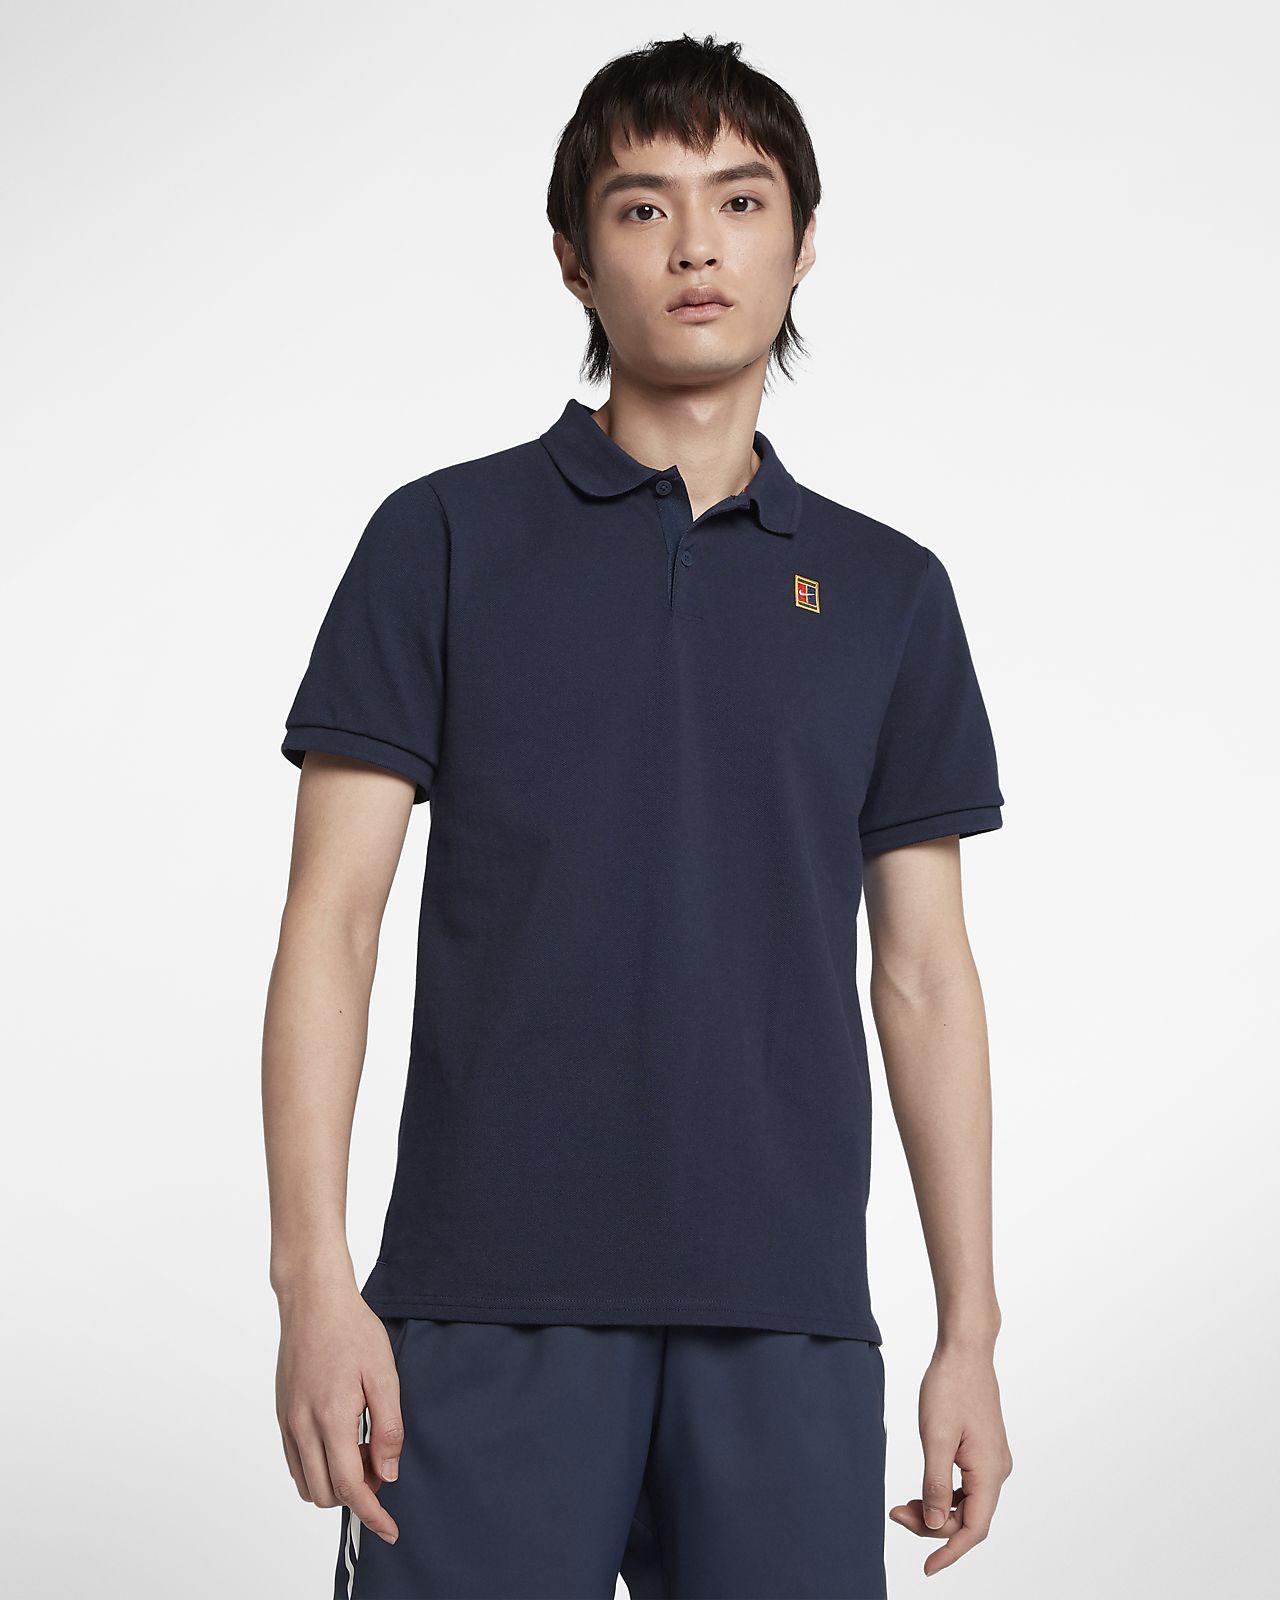 เสื้อโปโลเทนนิสผู้ชาย NikeCourt